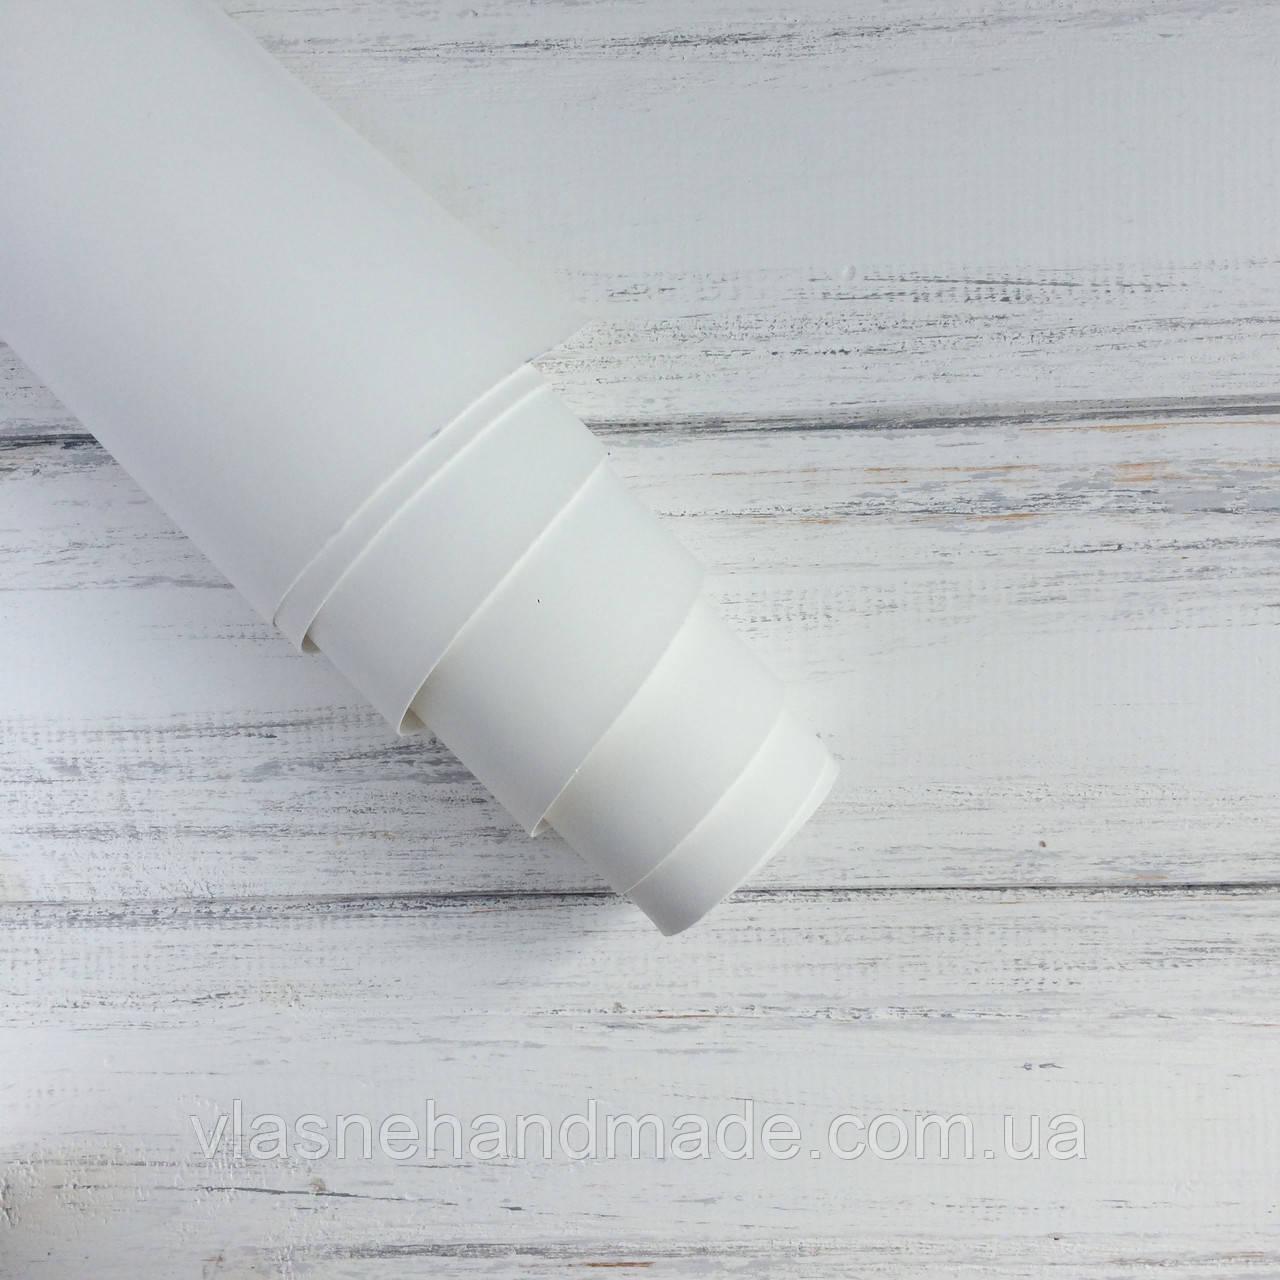 НЕФОРМАТ АБО НЕВЕЛИКИЙ БРАК!! Шкірзамінник палітурний - матовий - білий - виробник Італія - 19,5х35 см